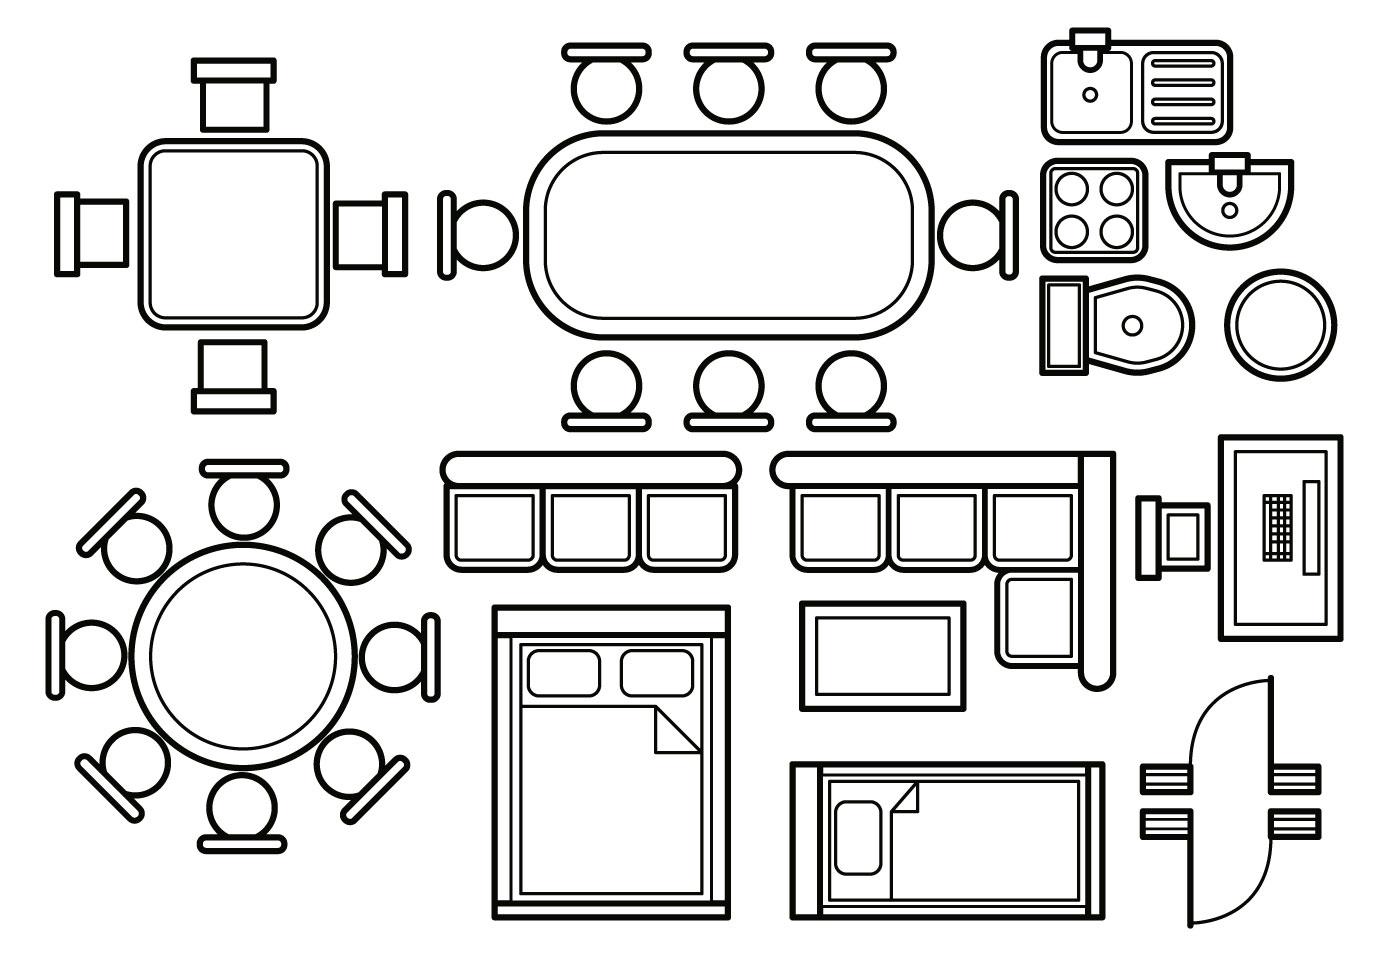 Floor plan vector - Download Free Vectors, Clipart ...